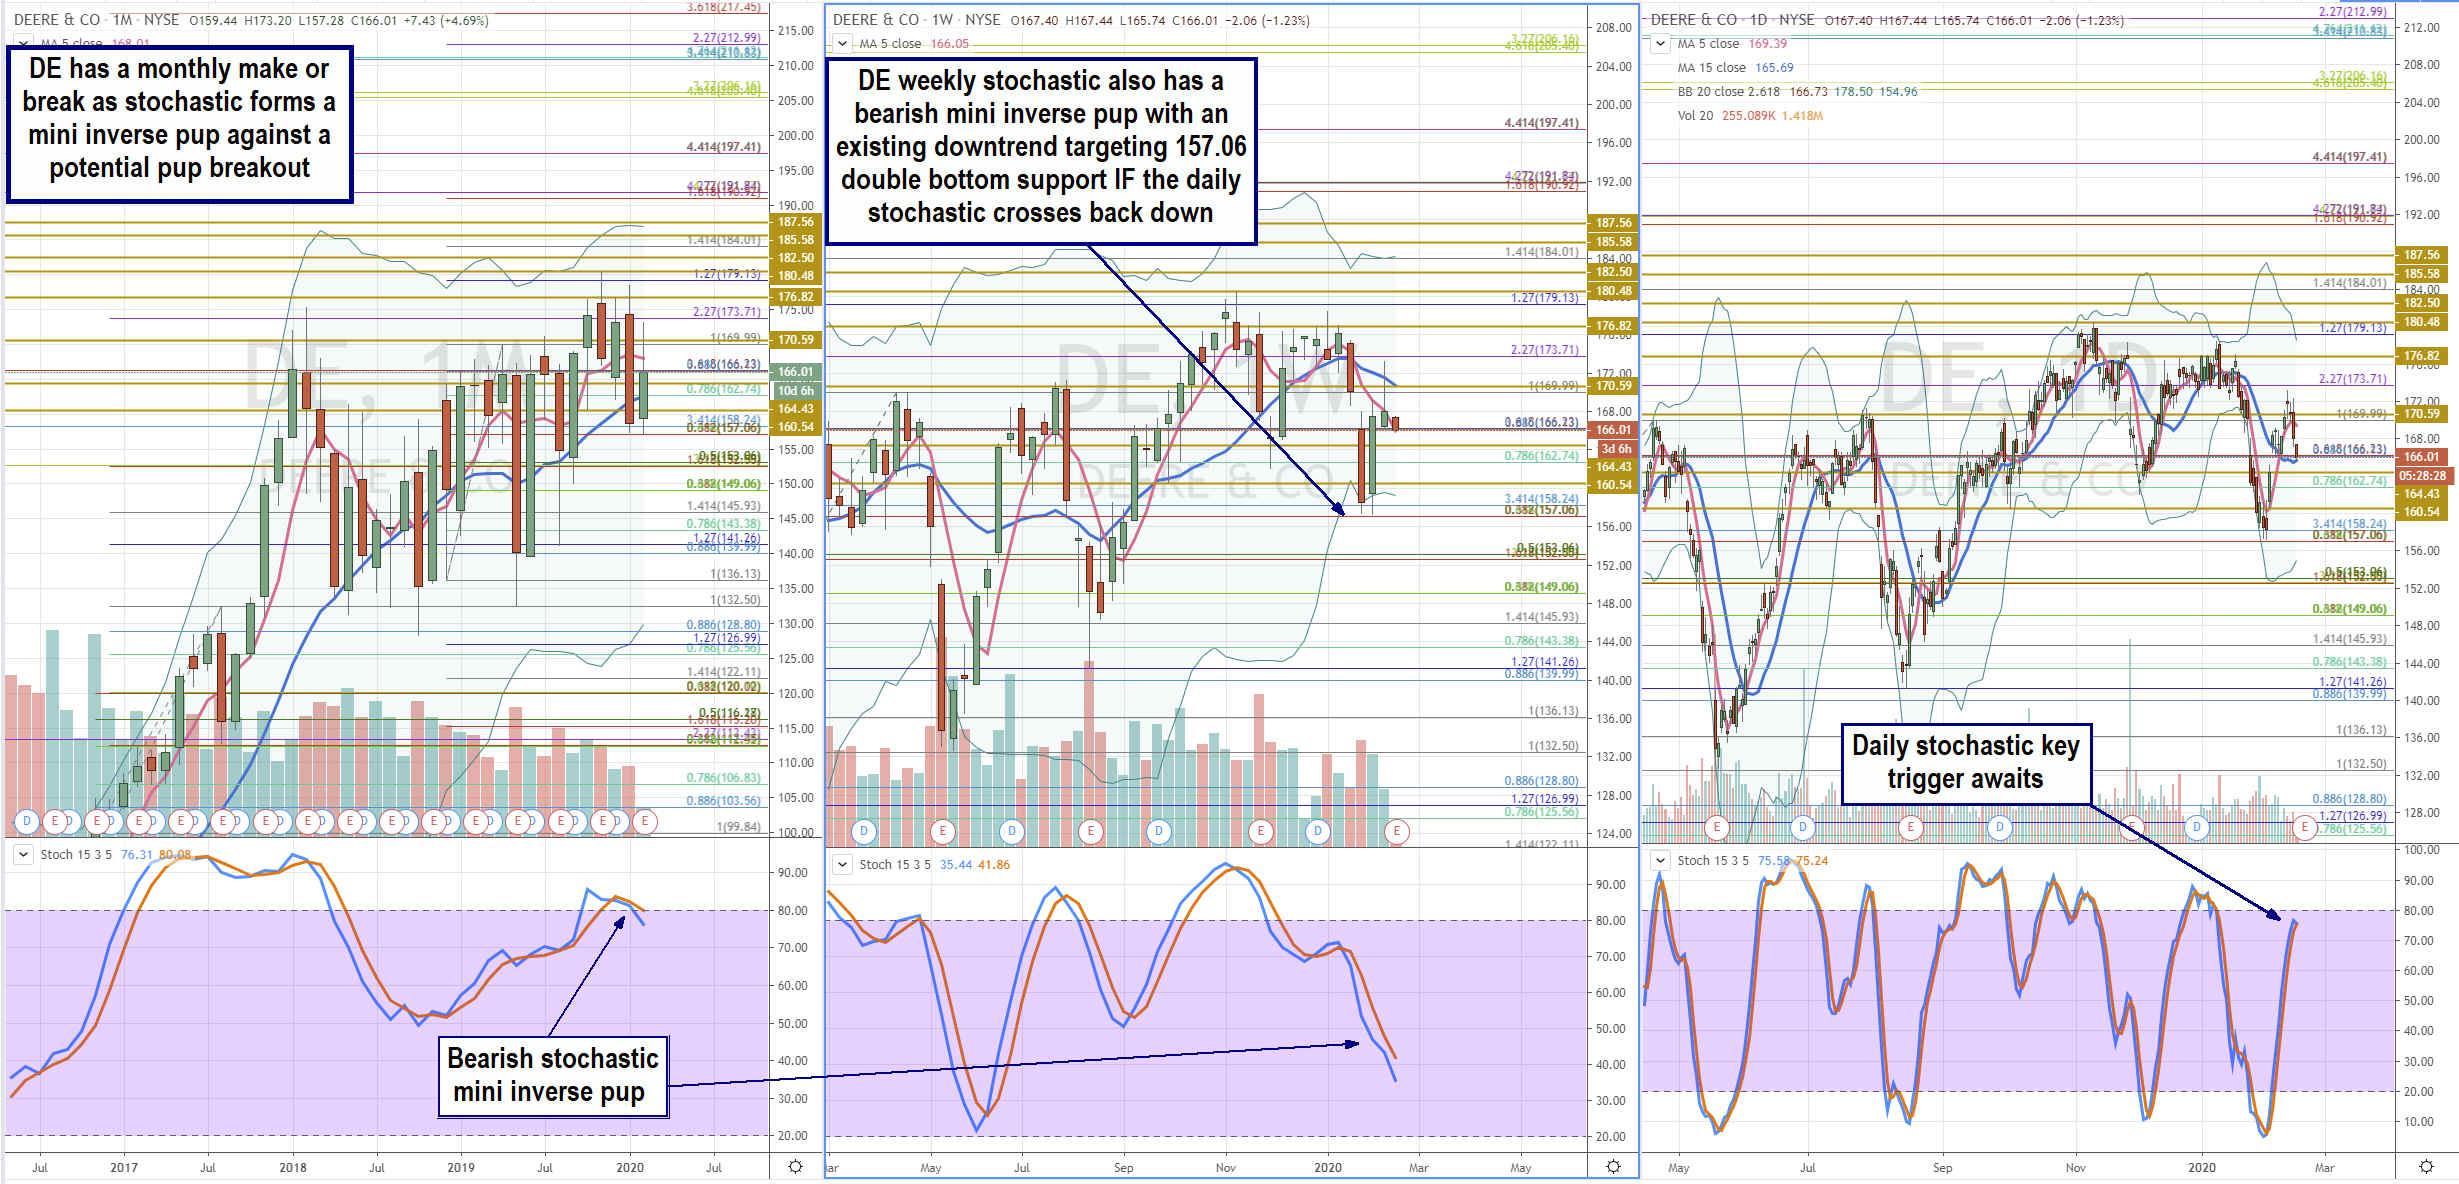 Trading Blueprint for Deere & Co. (DE) Stock